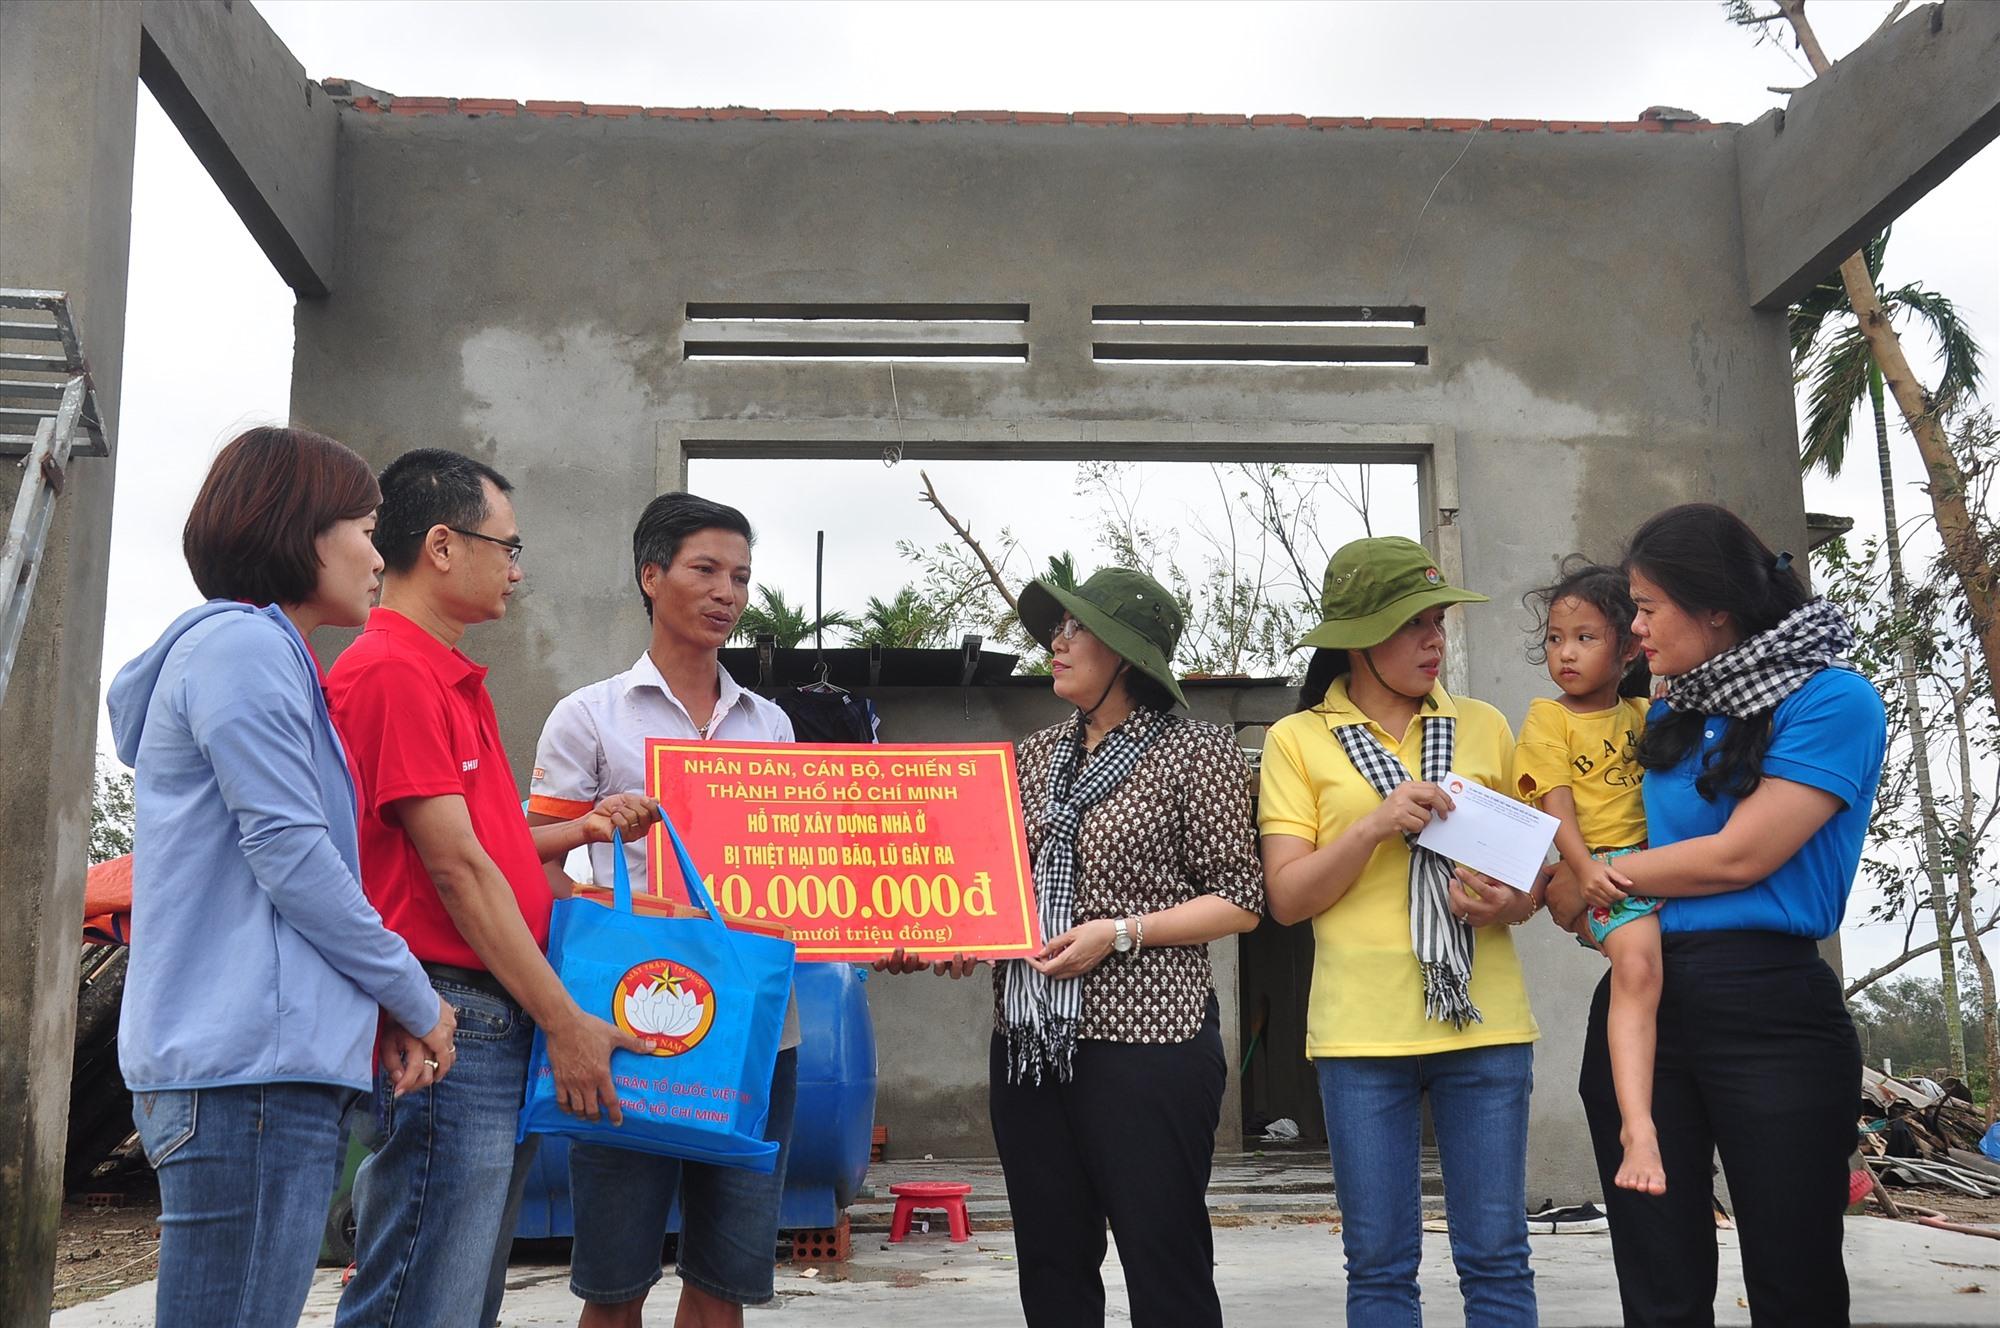 Đoàn đến thăm, trao kinh phí hỗ trợ xây dựng lại nhà ở cho một gia đình tại xã Tam Xuân 2. Ảnh: VINH ANH